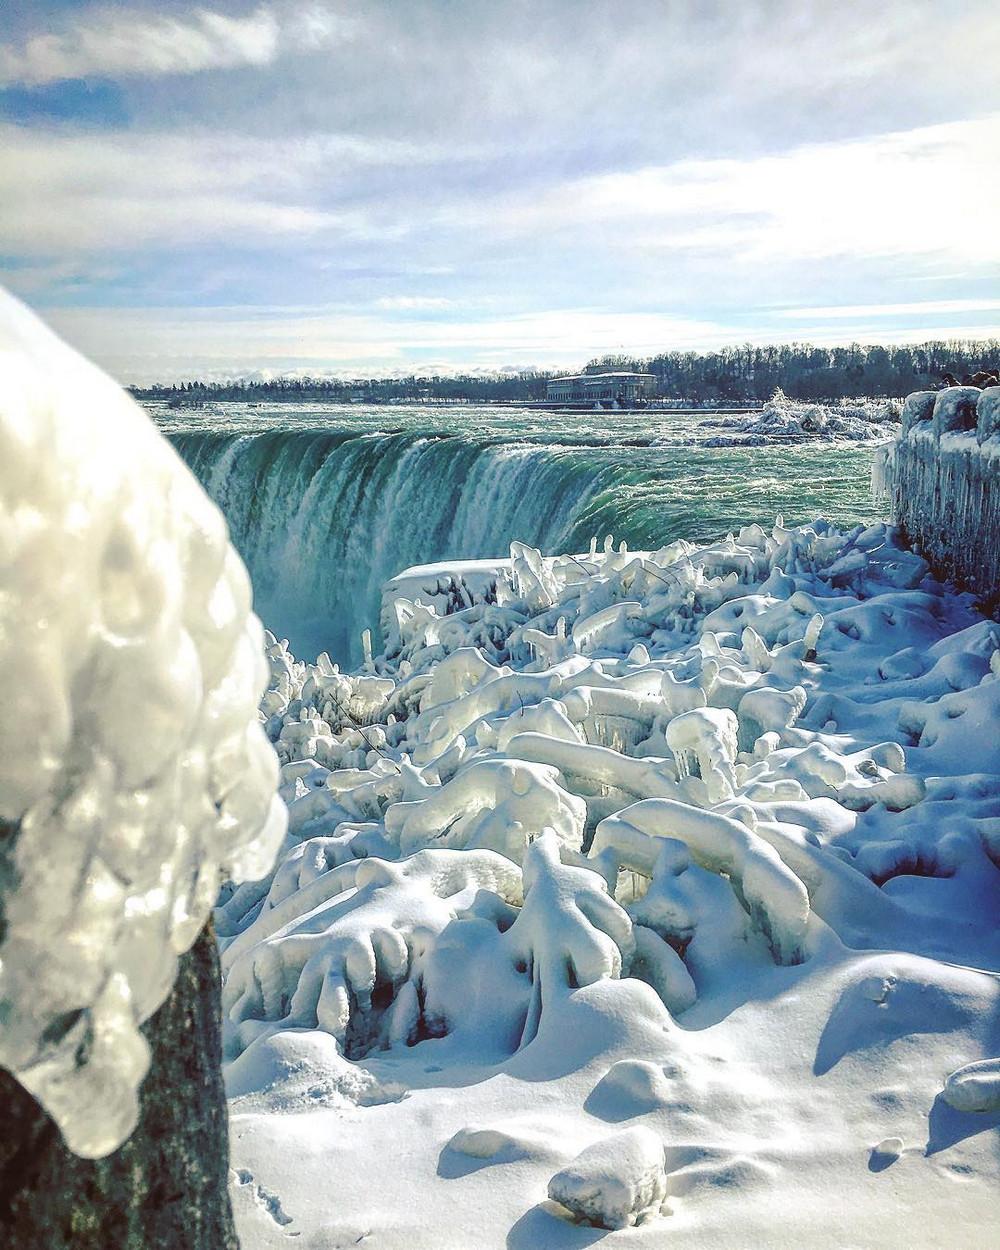 zamerzshiy Niagarskiy vodopad 4